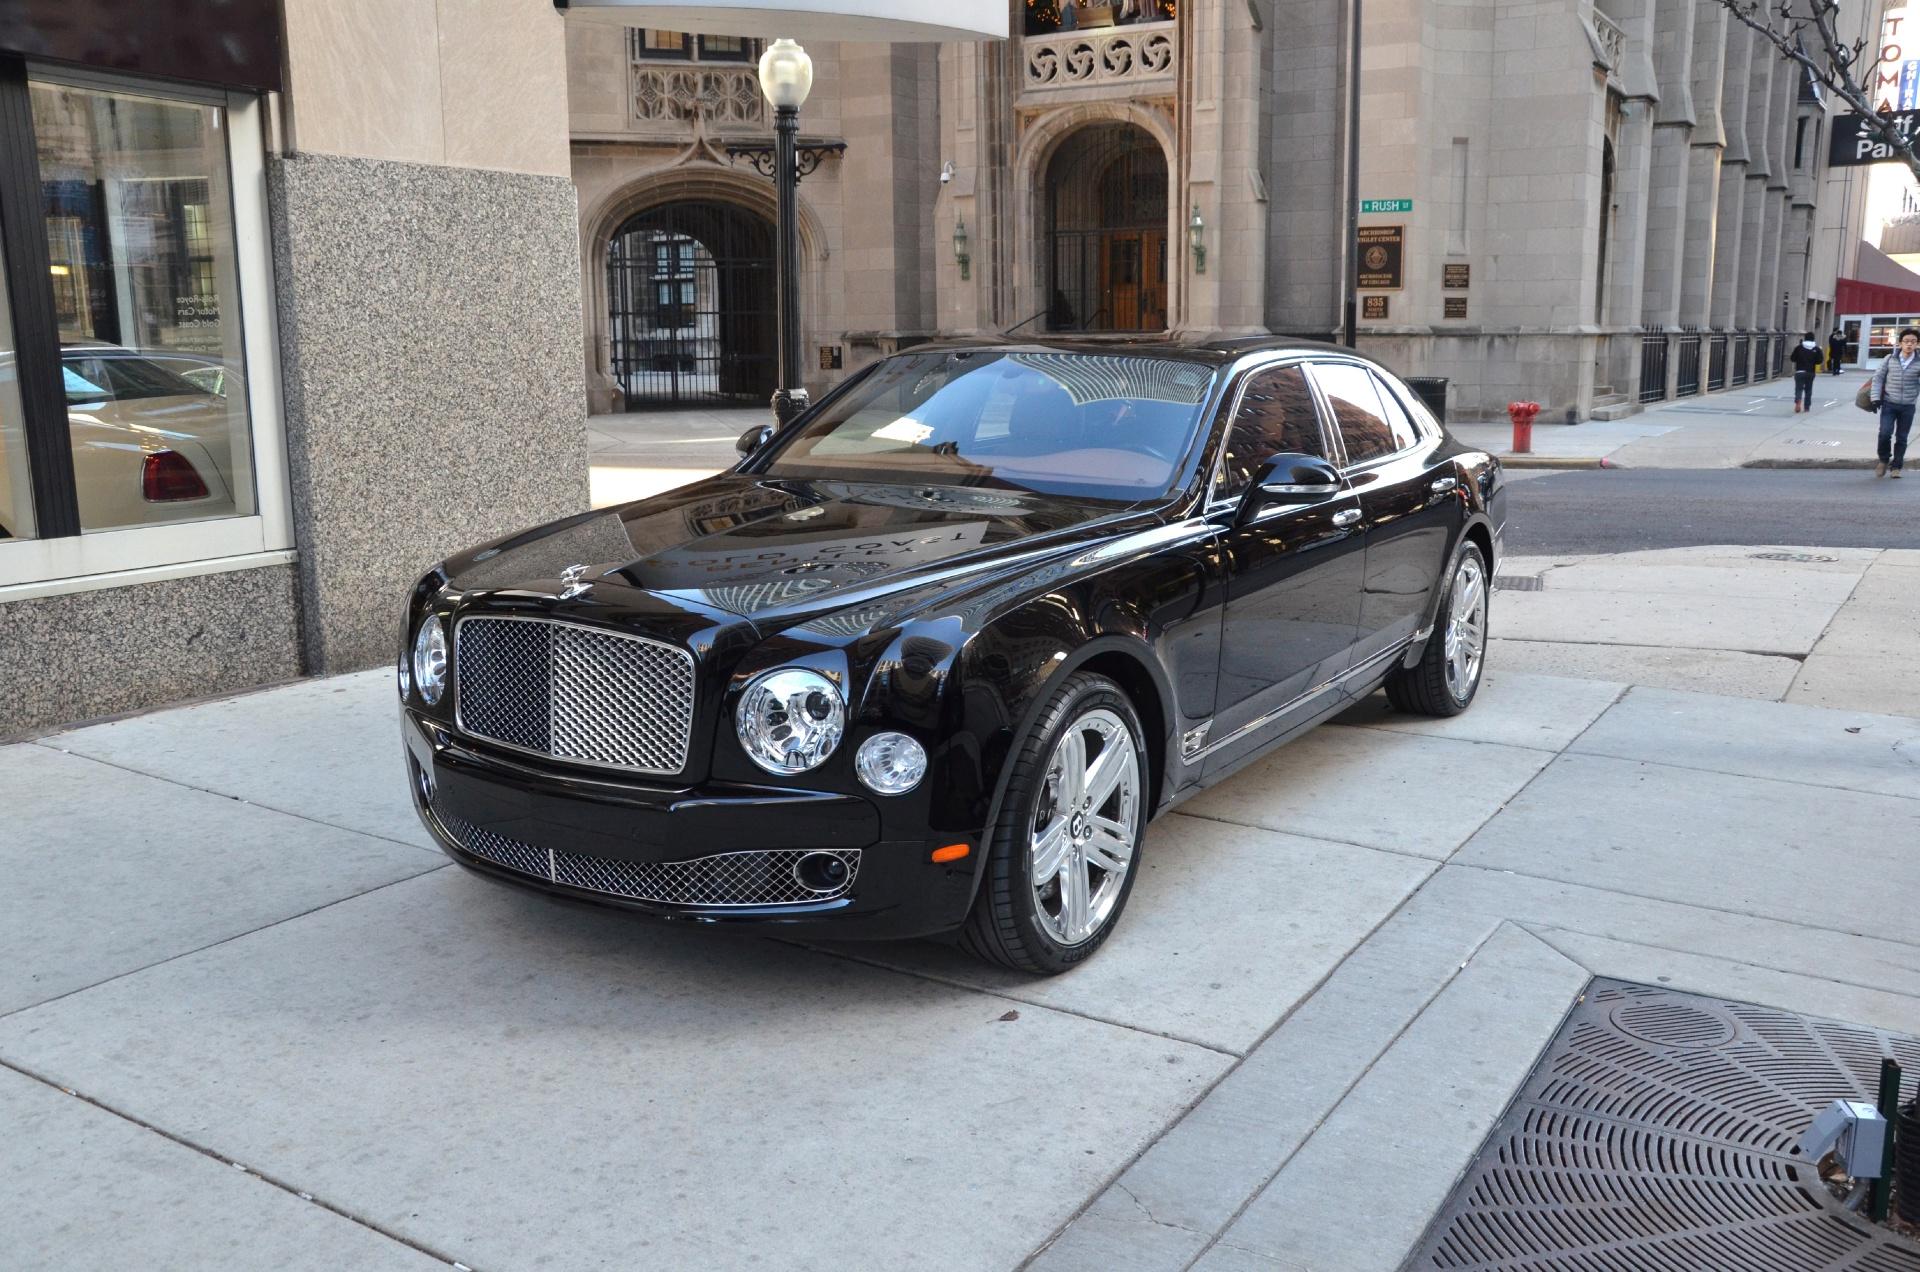 2013 Bentley Mulsanne Stock # B359 for sale near Chicago, IL   IL ...